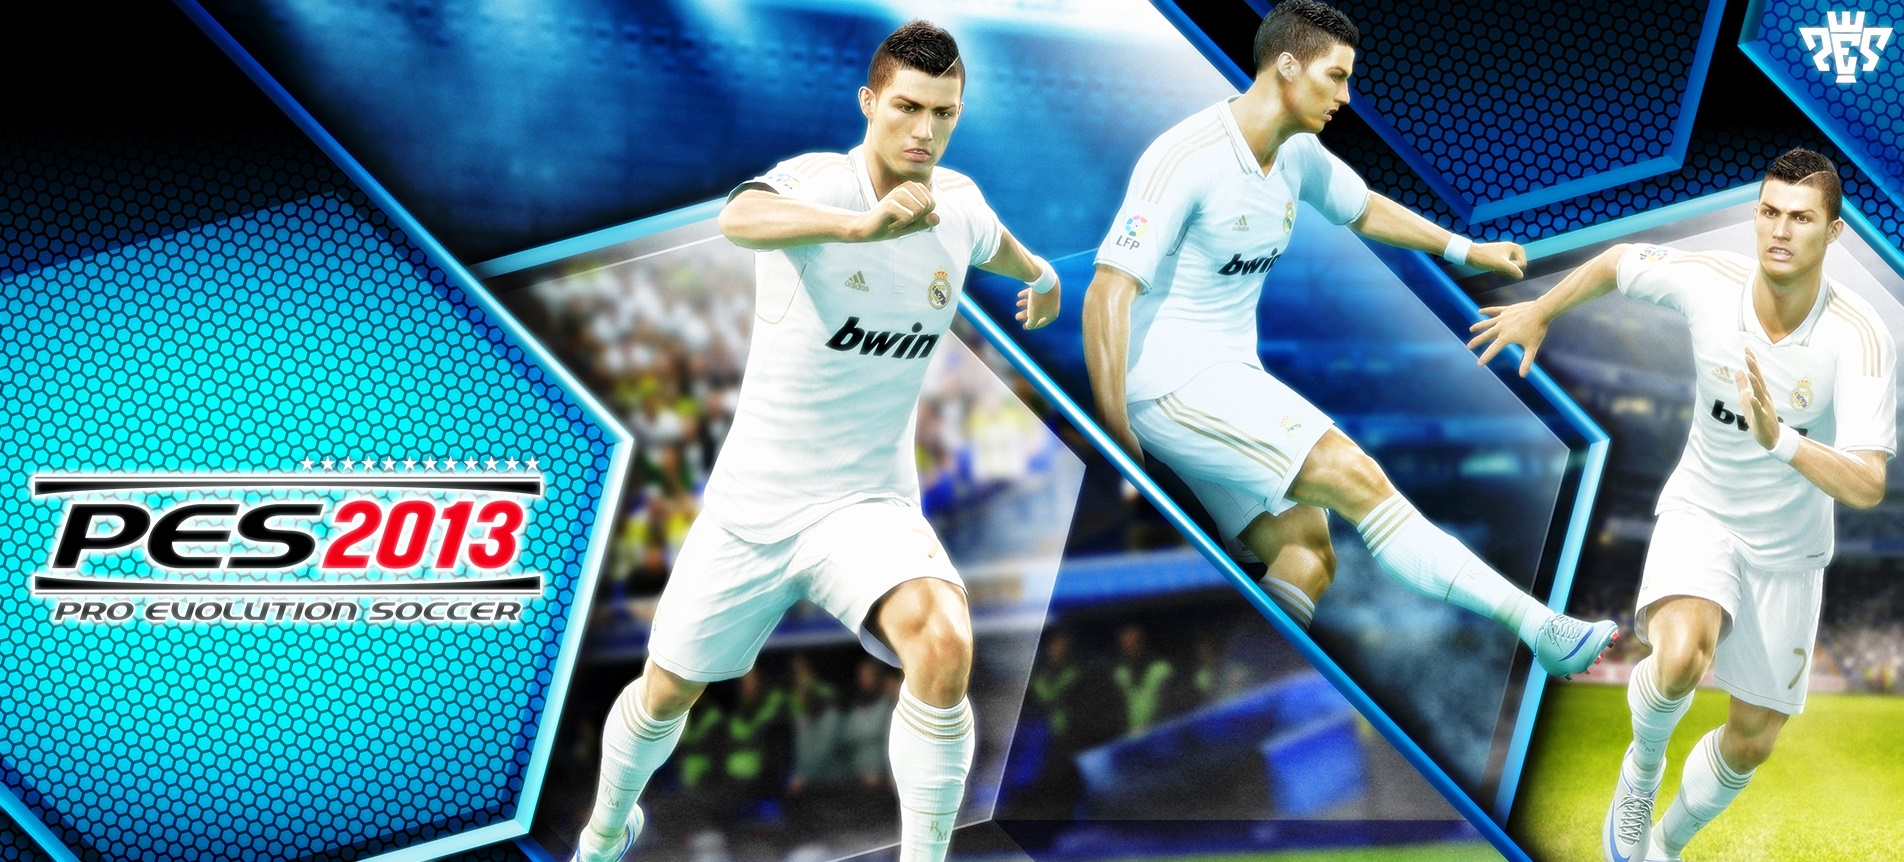 PES Pro Evolution Soccer 2013 Free Download